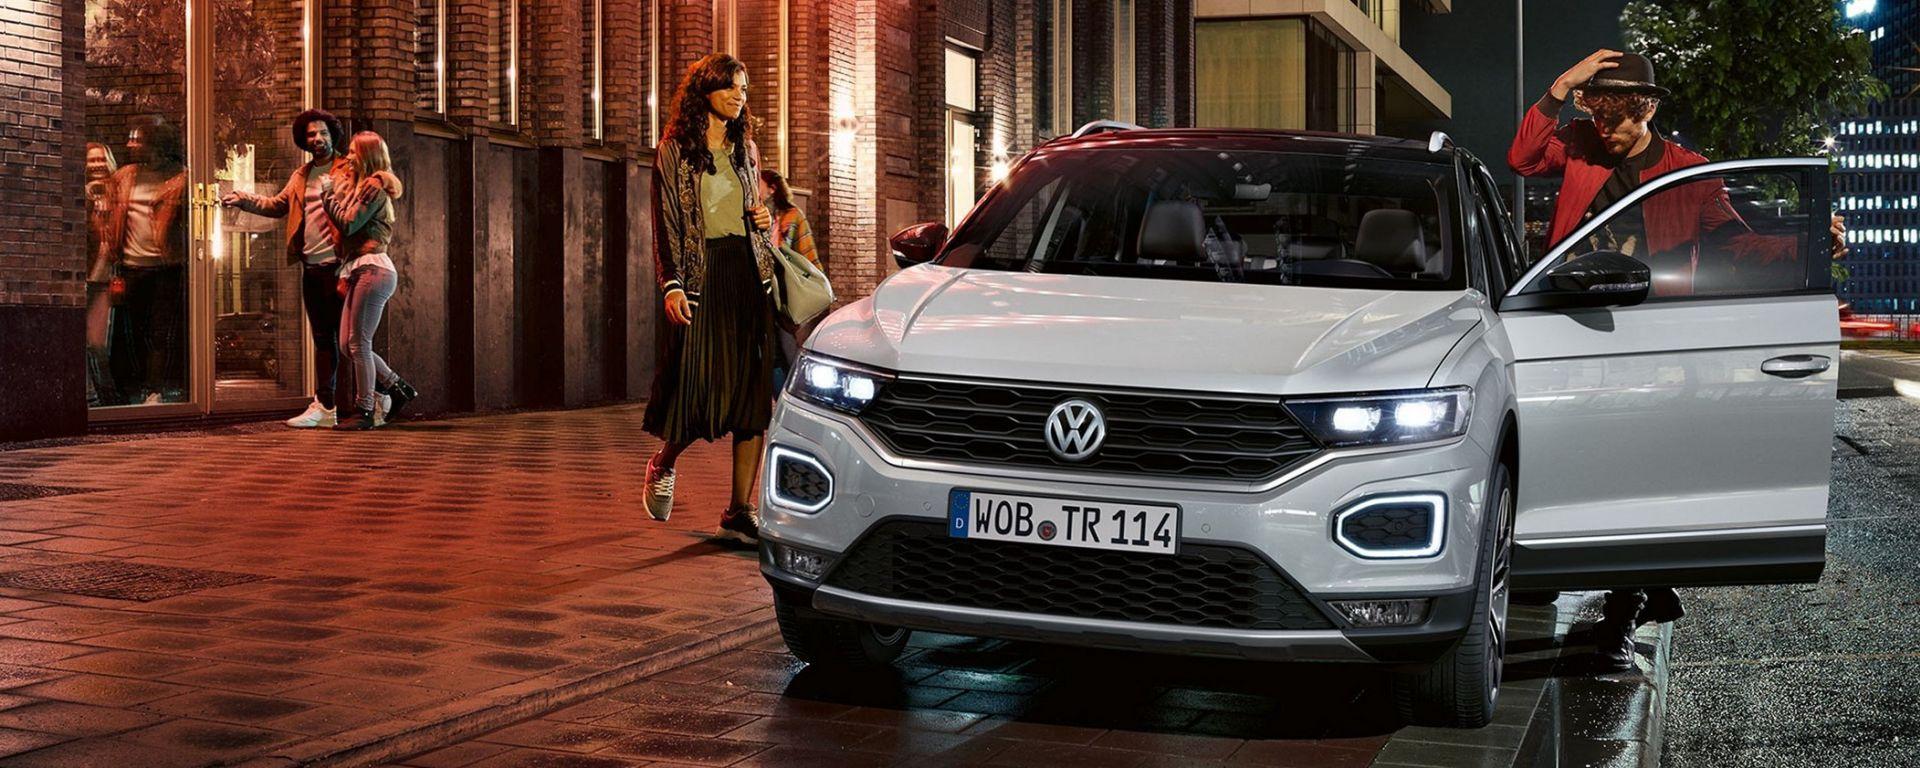 Volkswagen T-Roc Edition190: la serie limitata costava circa 35mila euro